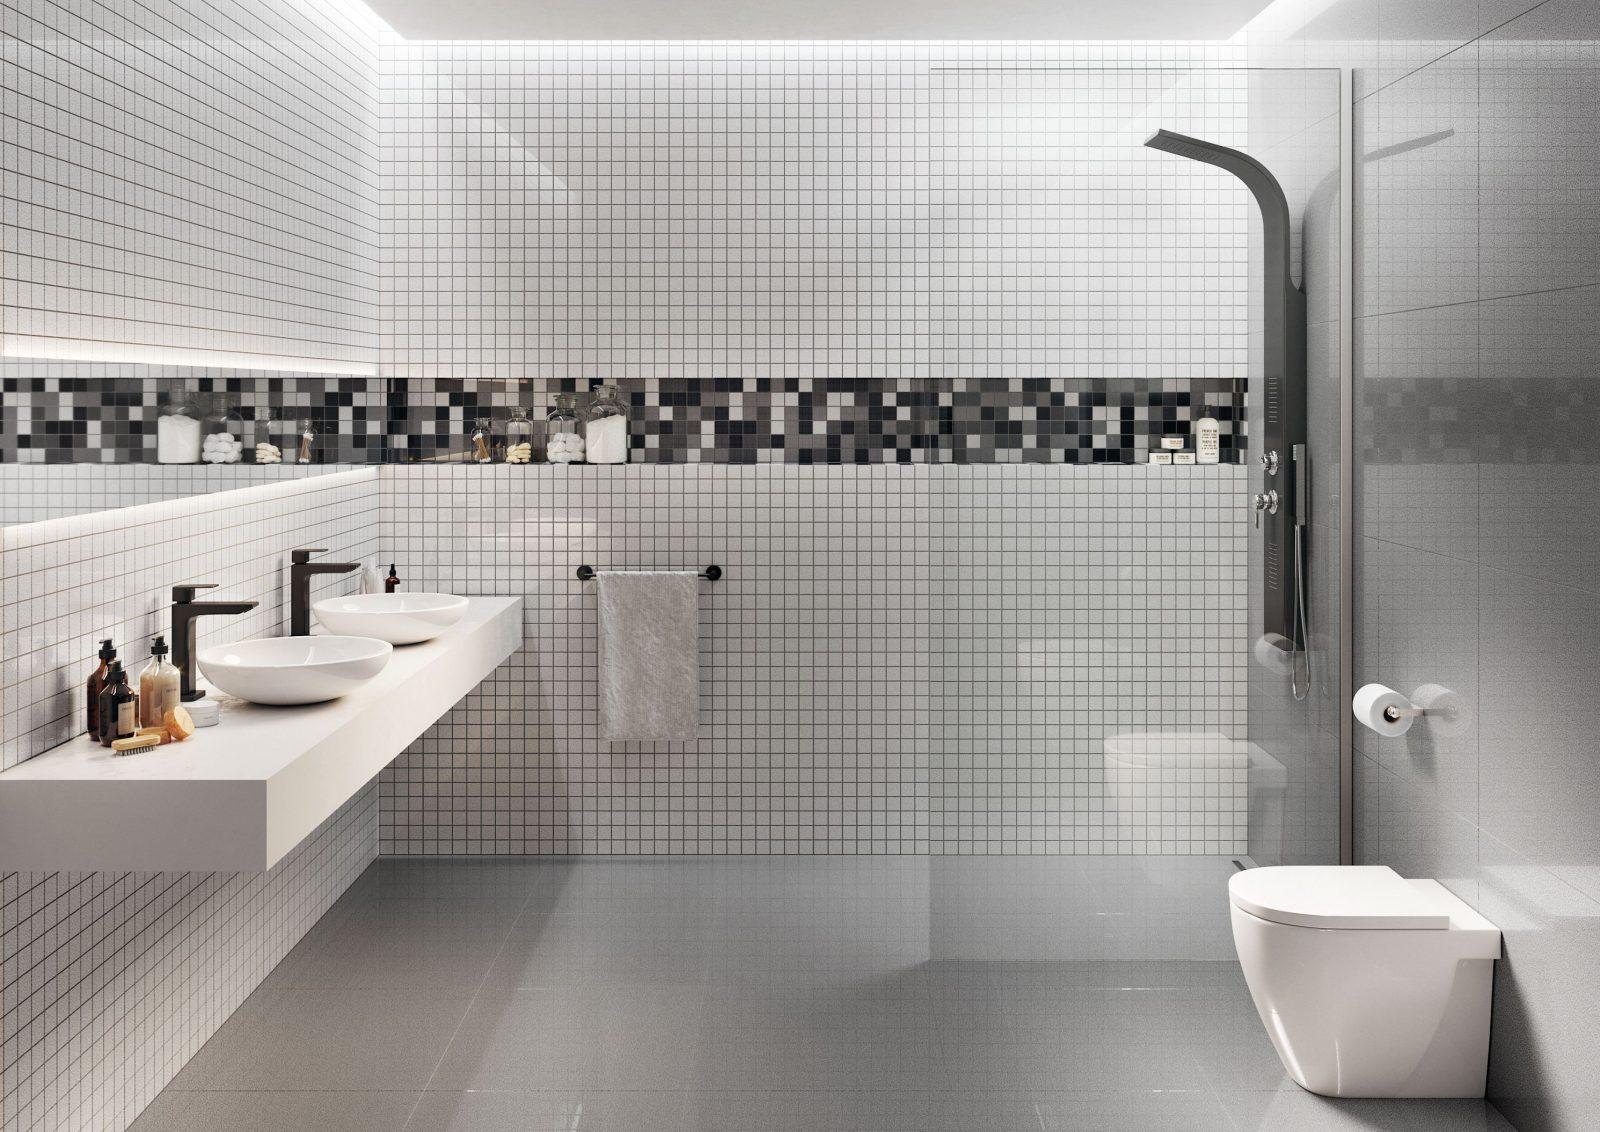 Dein Badezimmer Neu Gestalten  Sichere Dir Jetzt Schöne von Schöne Badezimmer Fliesen Photo